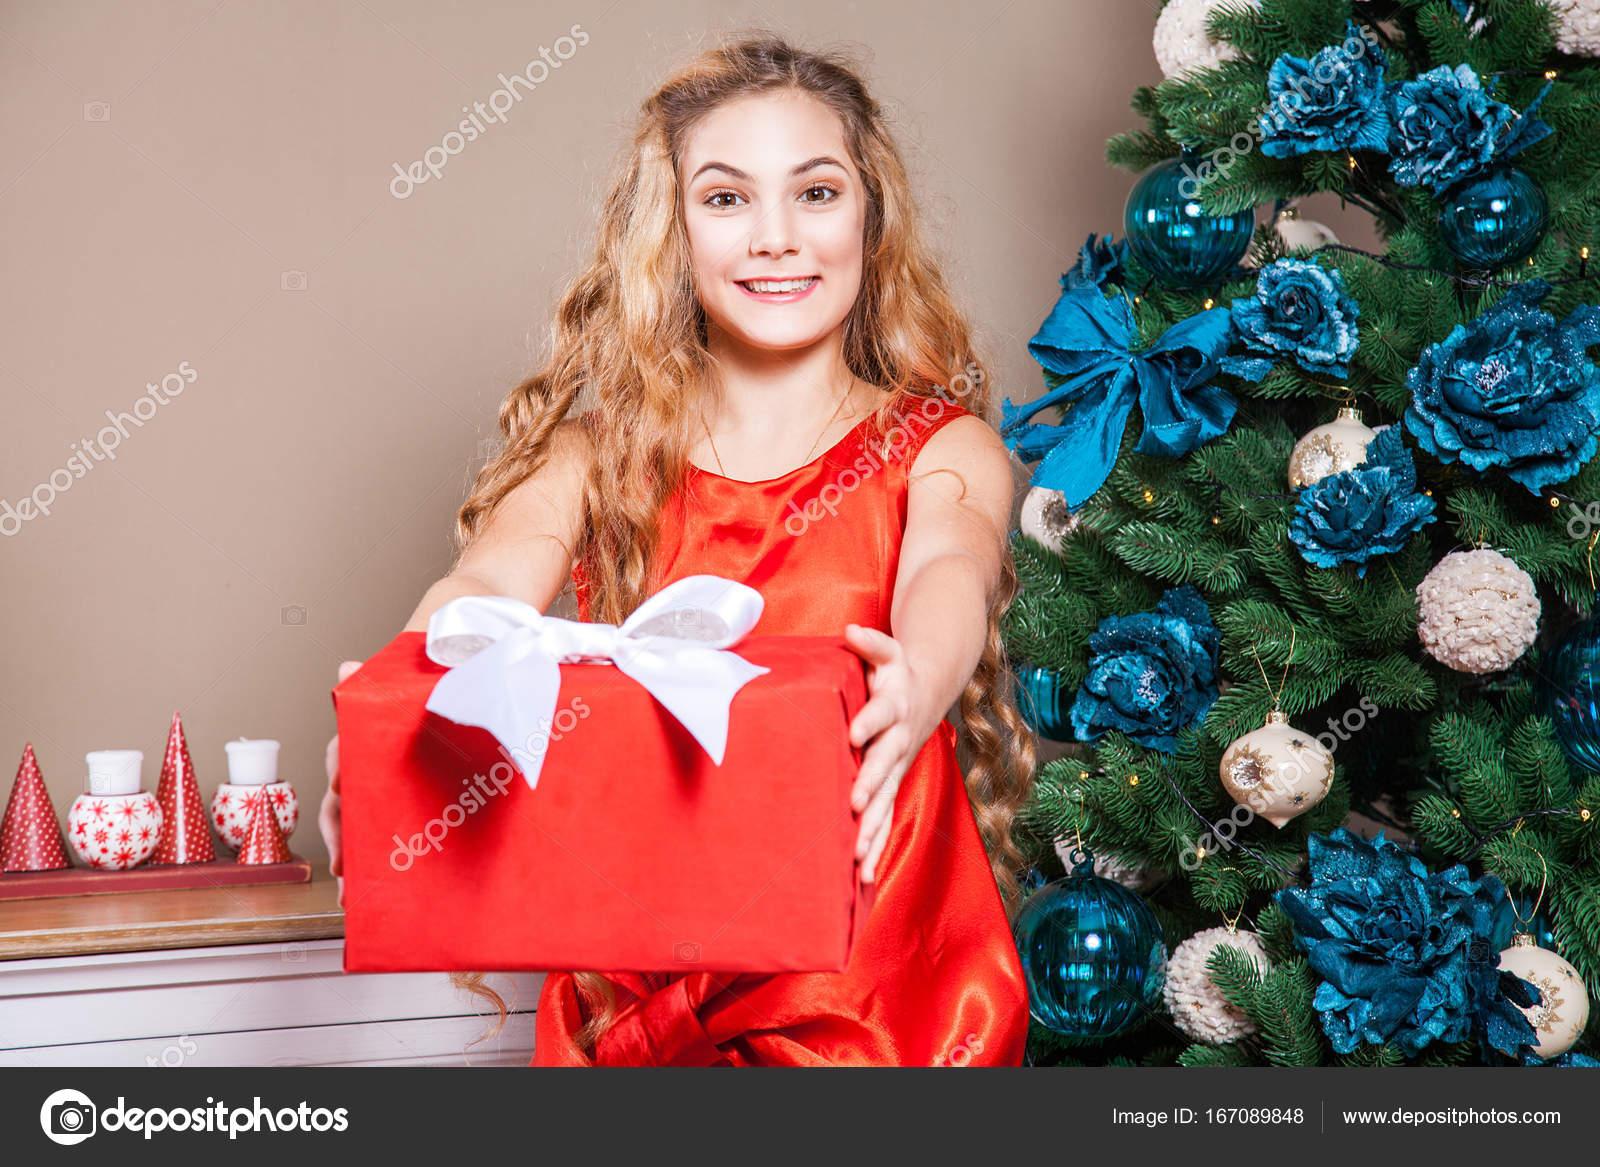 Kleine blonde kind mit erstaunt gesicht mit roten kasten mit weißen